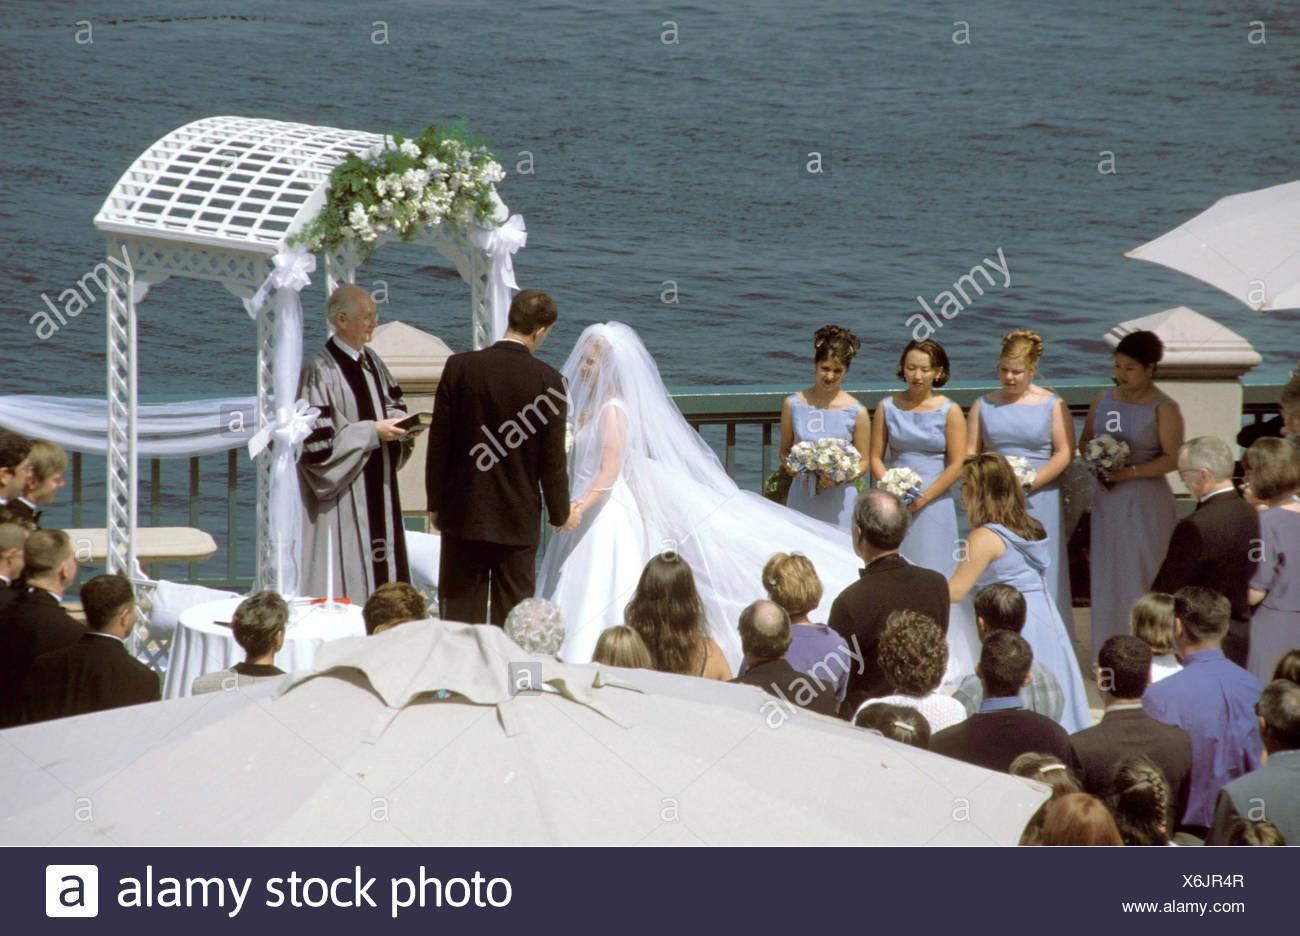 Hochzeitszeremonie In Amerika Stock Photo 279467127 Alamy